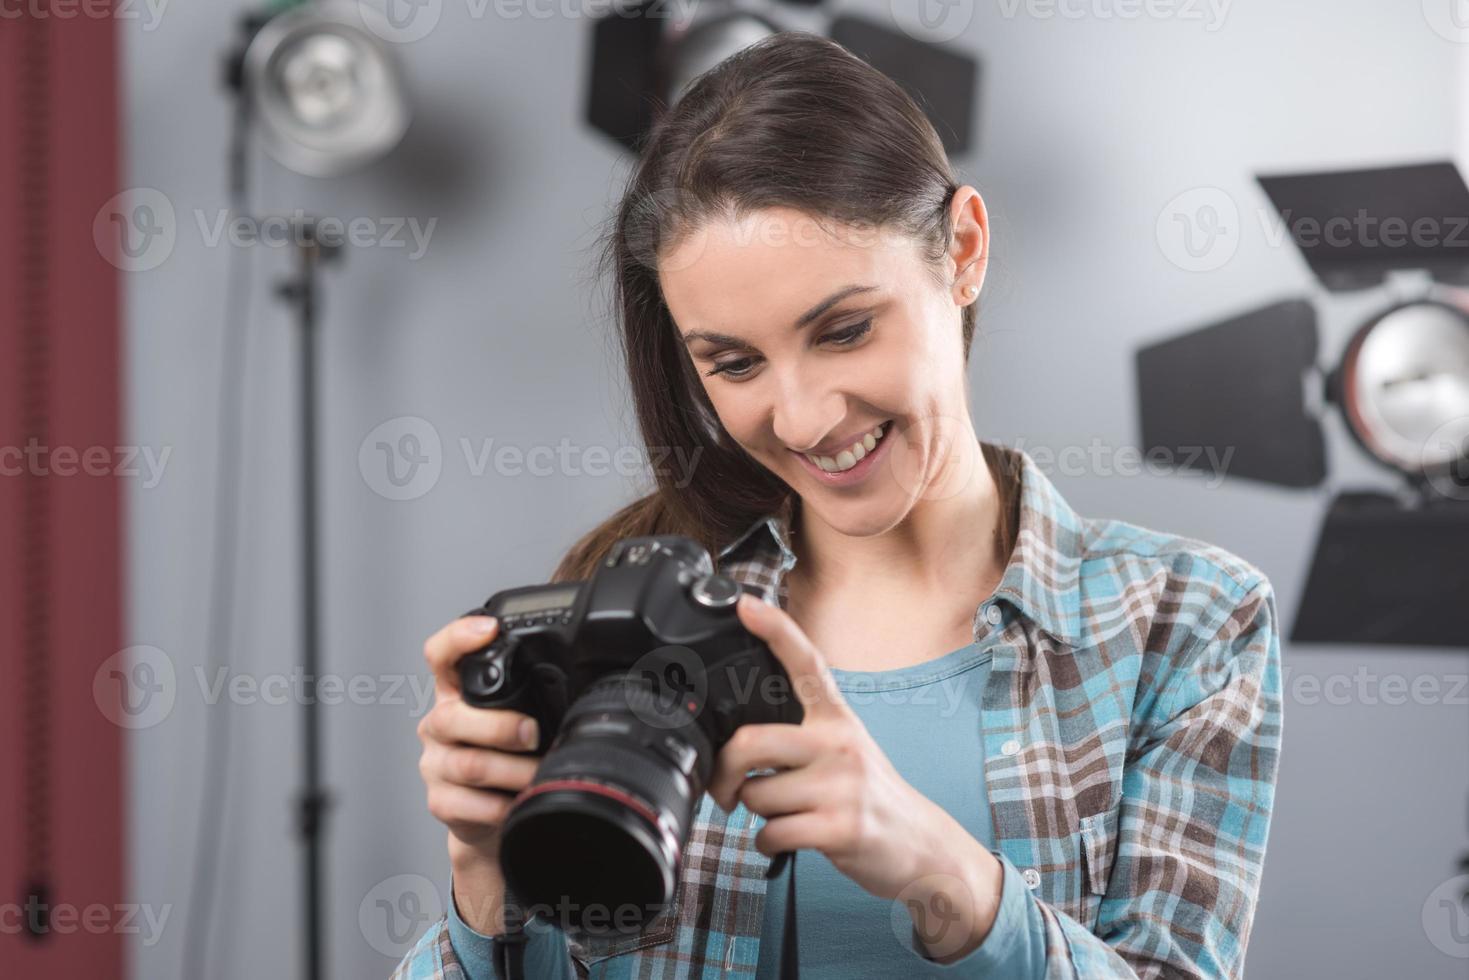 fotógrafo posando en un estudio profesional foto